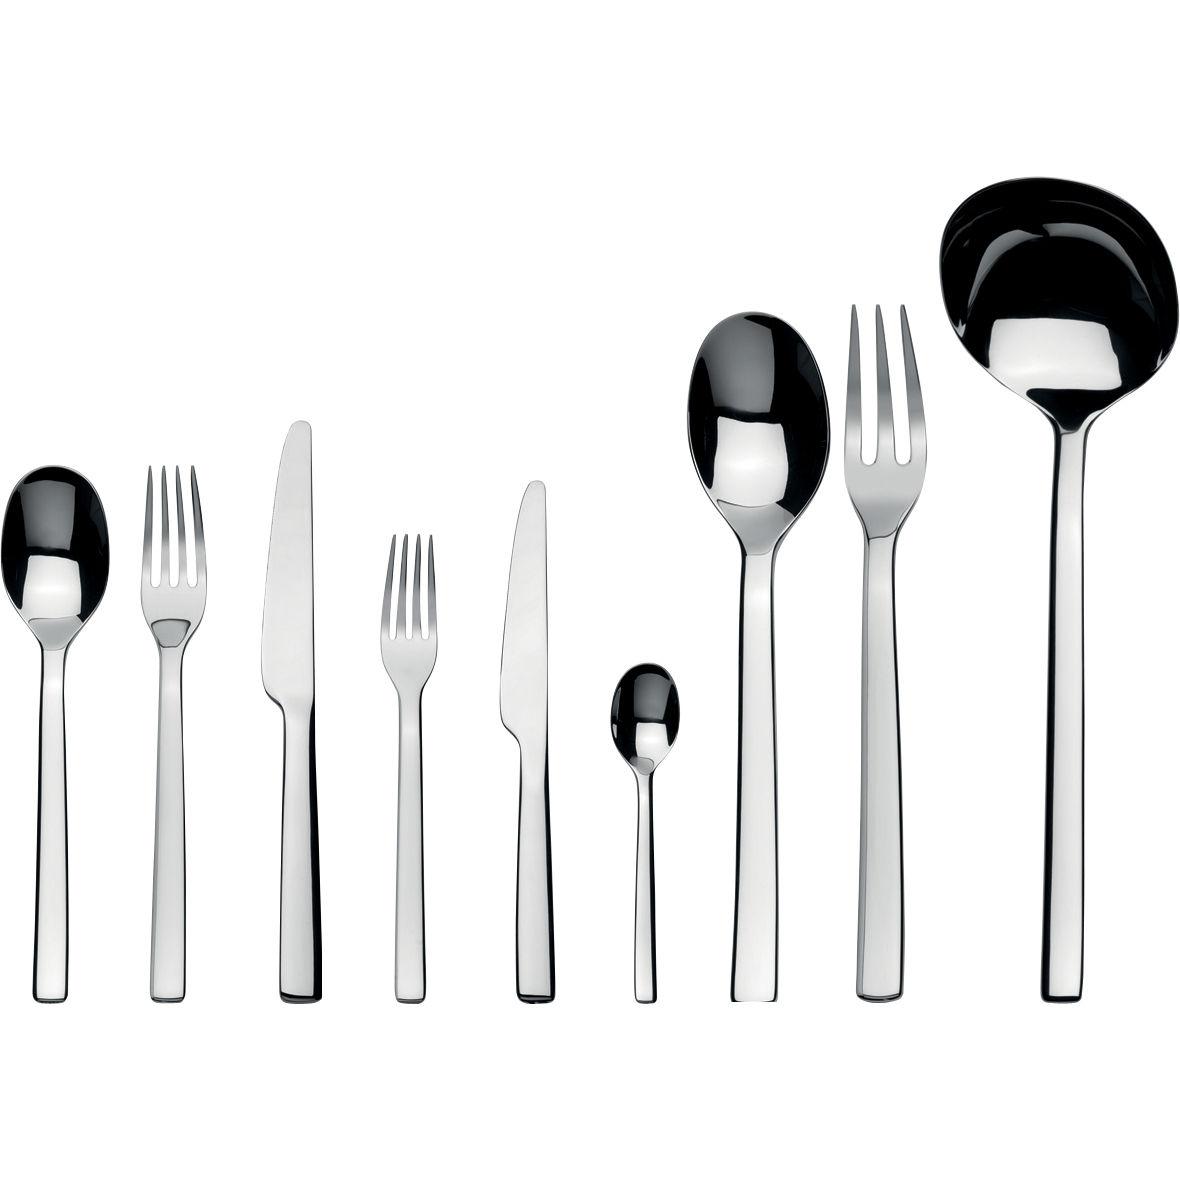 Arts de la table - Couverts de table - Ménagère Ovale / Coffret 75 couverts - Alessi - 75 pièces - Acier inoxydable brillant - Acier